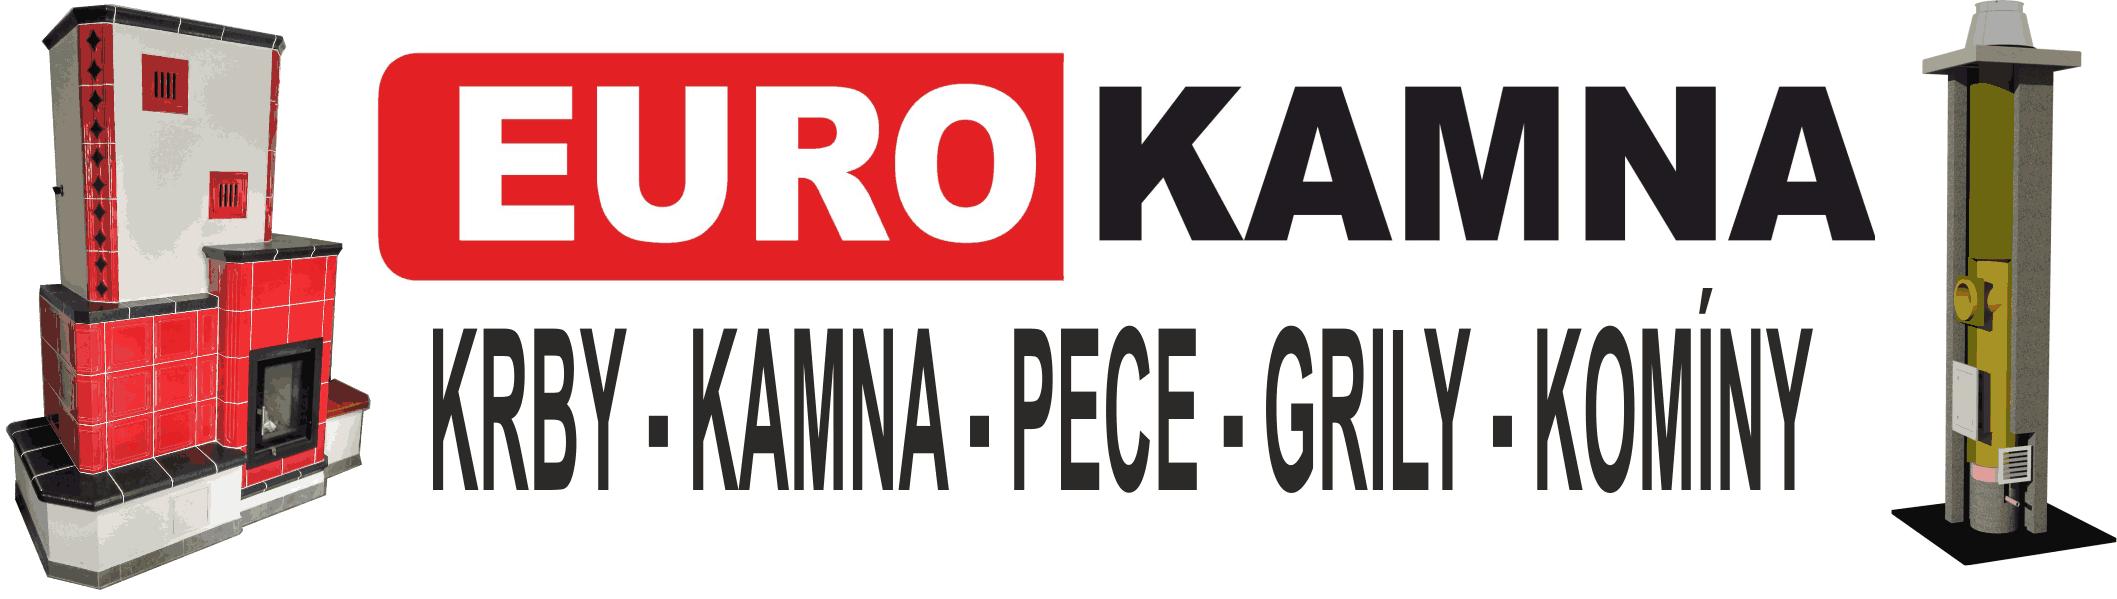 www.eurokamna.cz